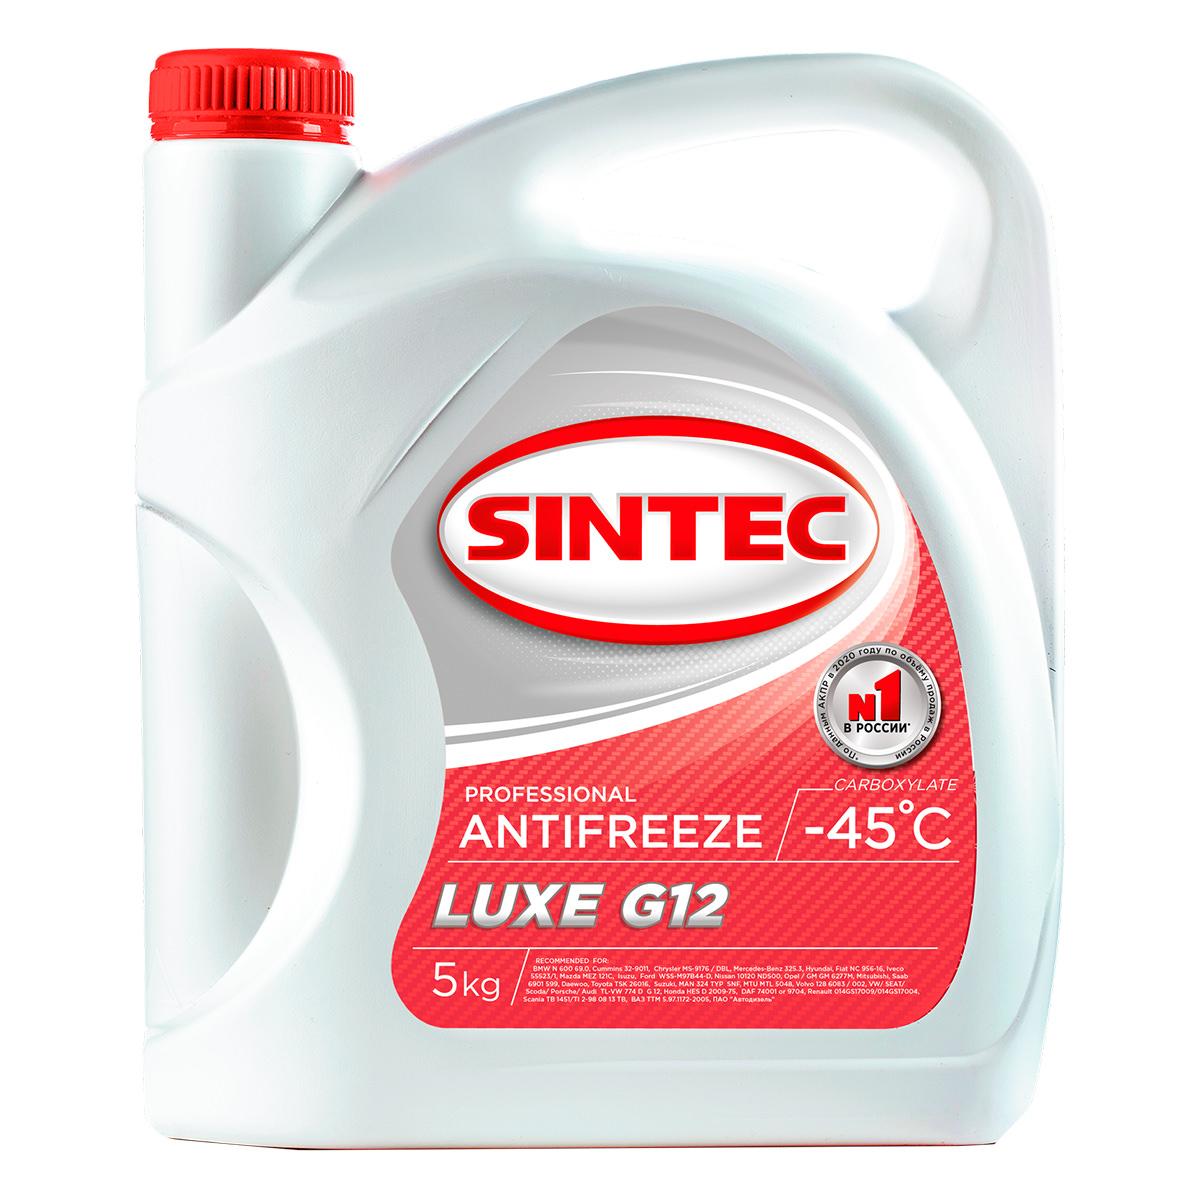 SINTEC ANTIFREEZE LUXE G12 (-45)